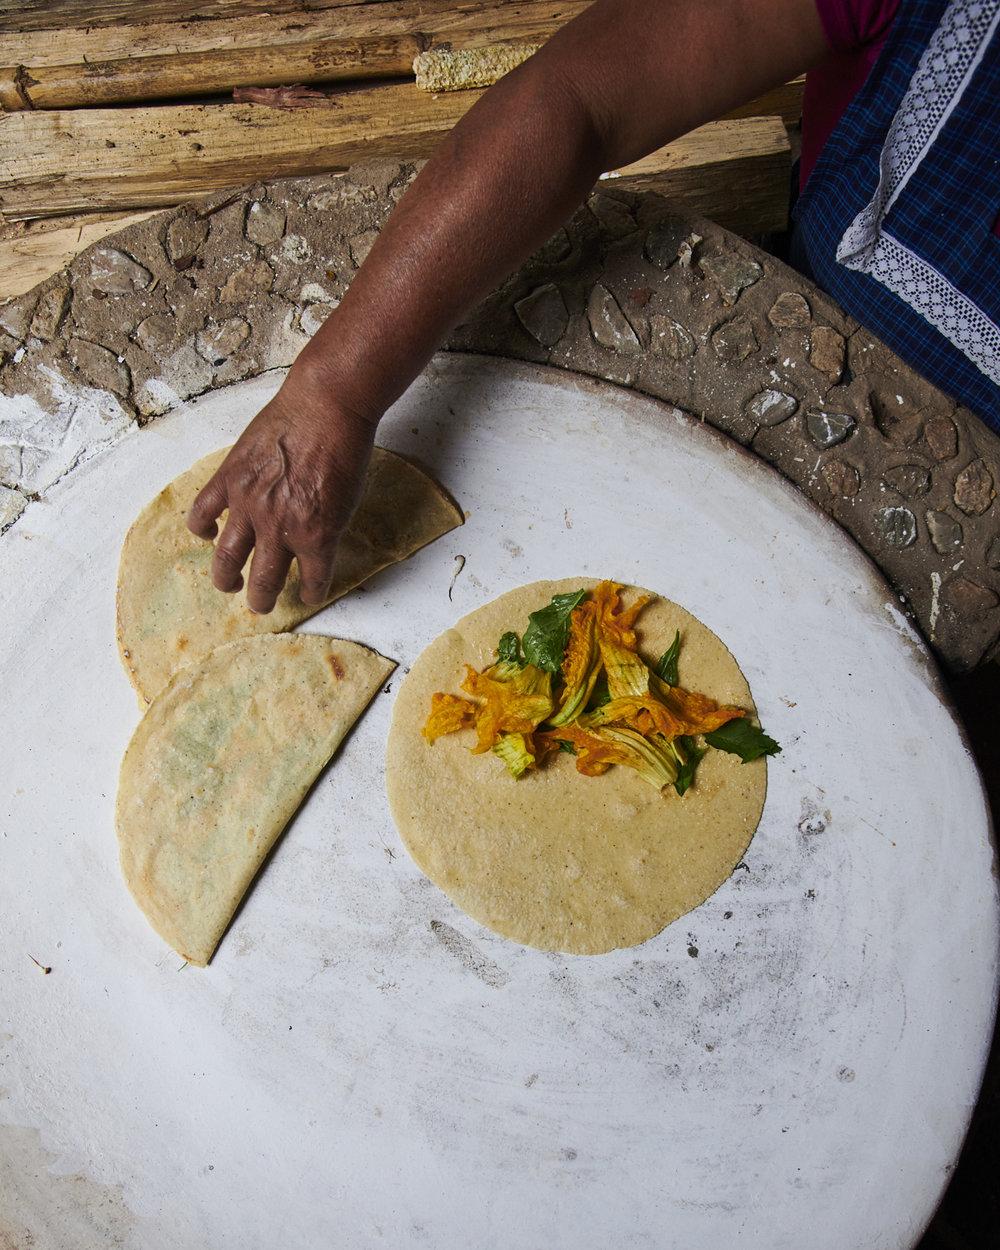 quesadillas flor de calabaza by kyle dorosz thread caravan.jpg